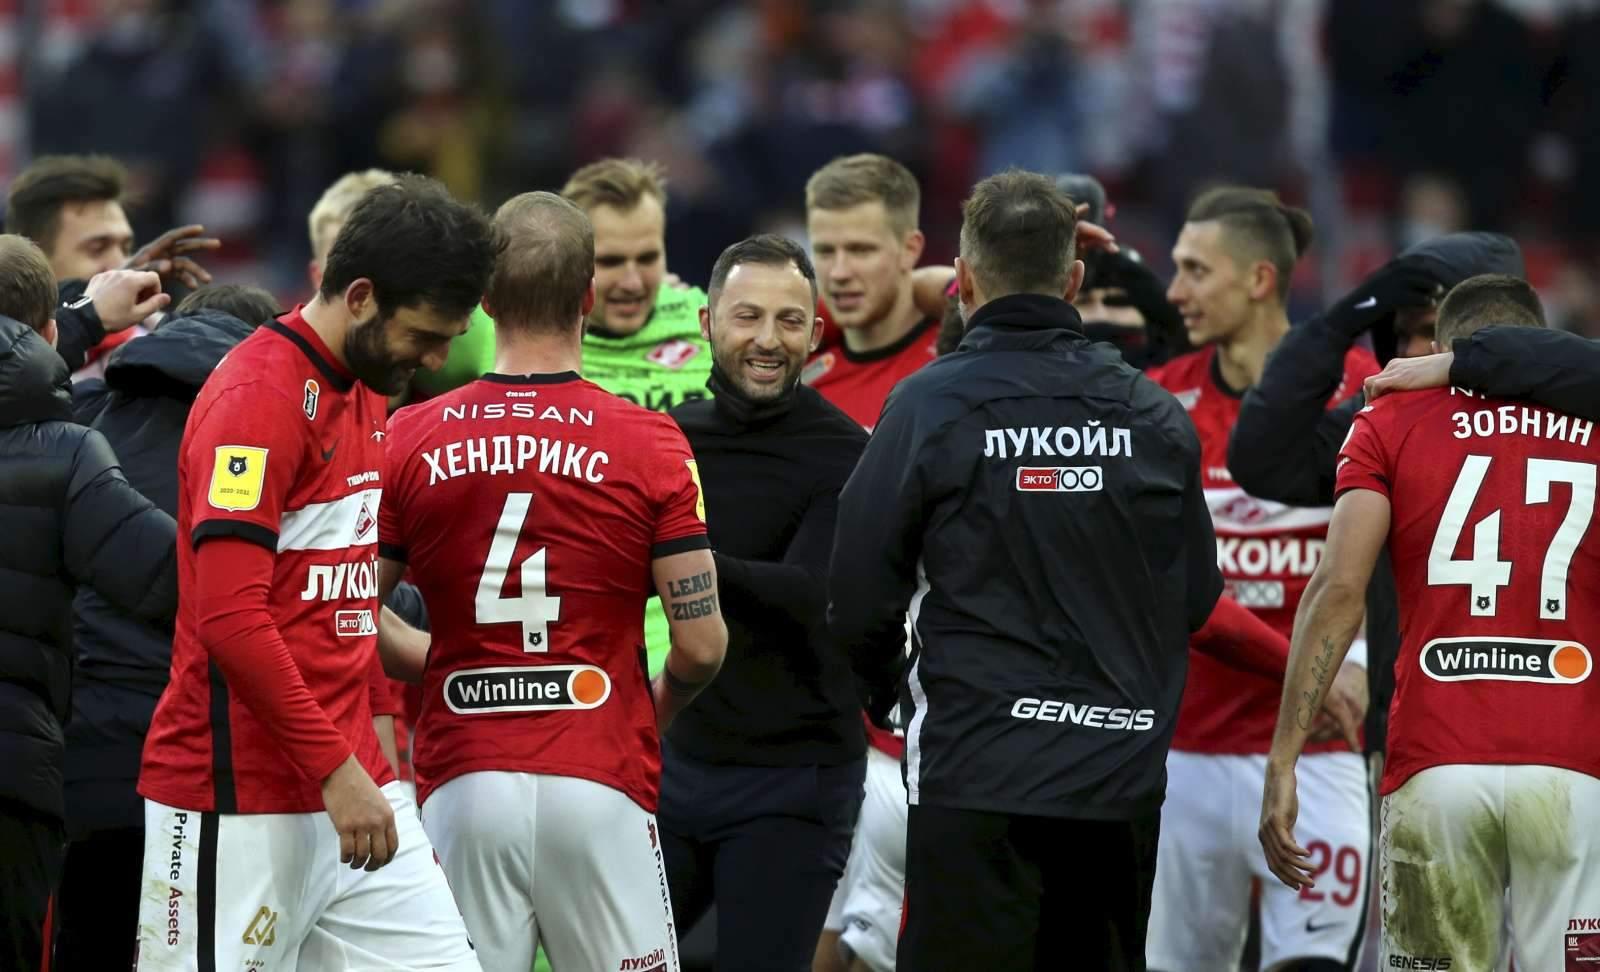 «Спартаку» достаточно не проиграть «Ахмату», чтобы выйти в Лигу чемпионов